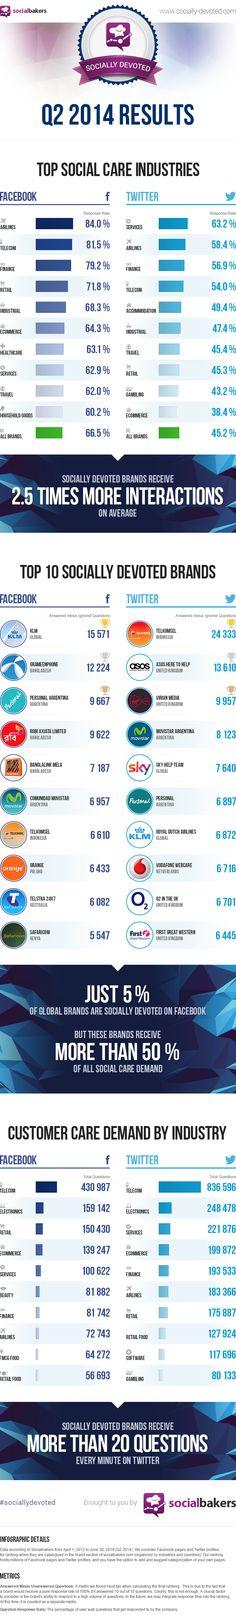 62 best infogrficos e commerce images on pinterest digital socialbakers divulga relatrio socially devoted 2 trimestre confira httpecommercebrasil fandeluxe Choice Image